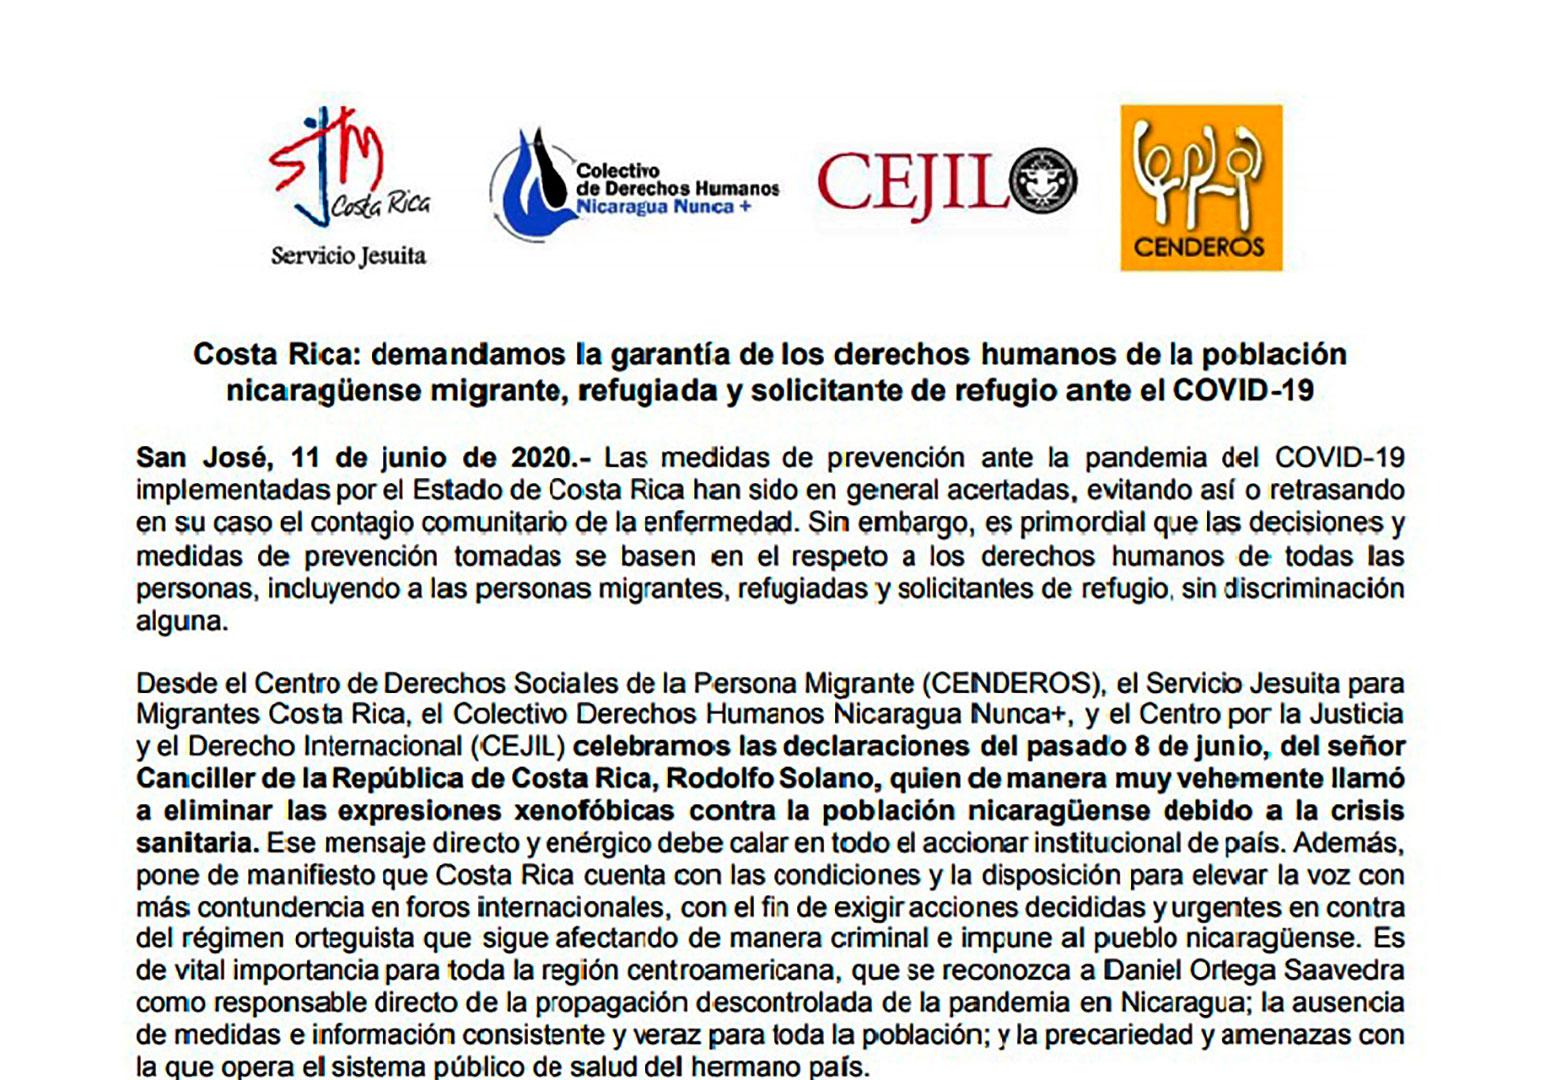 Organizaciones de derechos humanos en Costa Rica piden eliminar las expresiones xenofóbicas contra nicaragüenses, en particular por la actual crisis que se vive debido a la pandemia por el Covid 19.